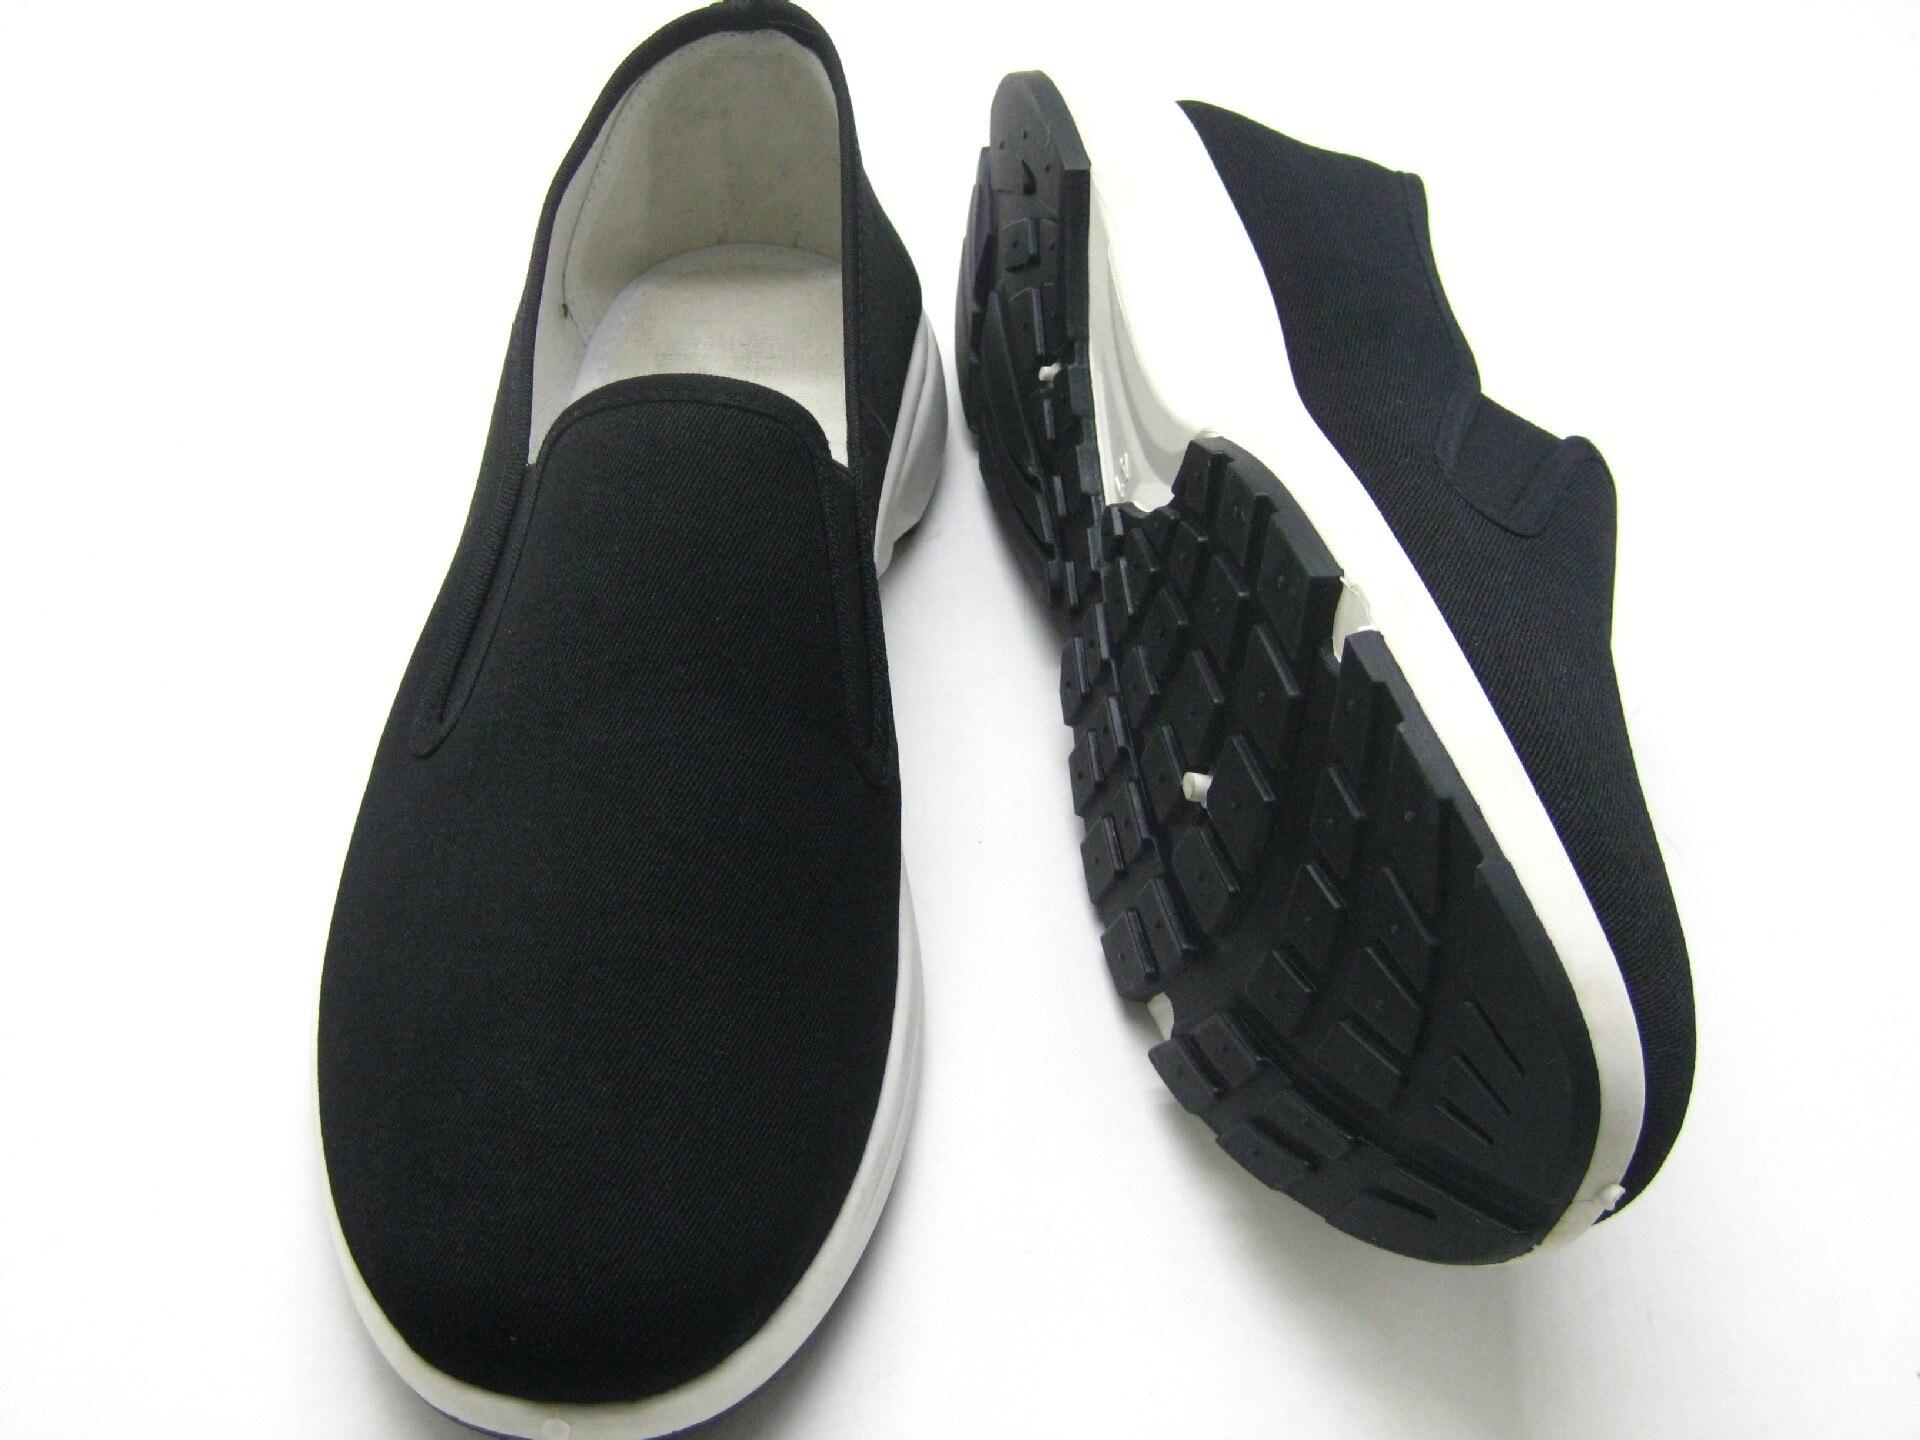 Confortables Plates Arrivent Style Pour Casual Hommes Haute Mâle 2018 Qualité Chaussures Noir Mocassins Toile Nouveau Elgeer Hq7wgTExO